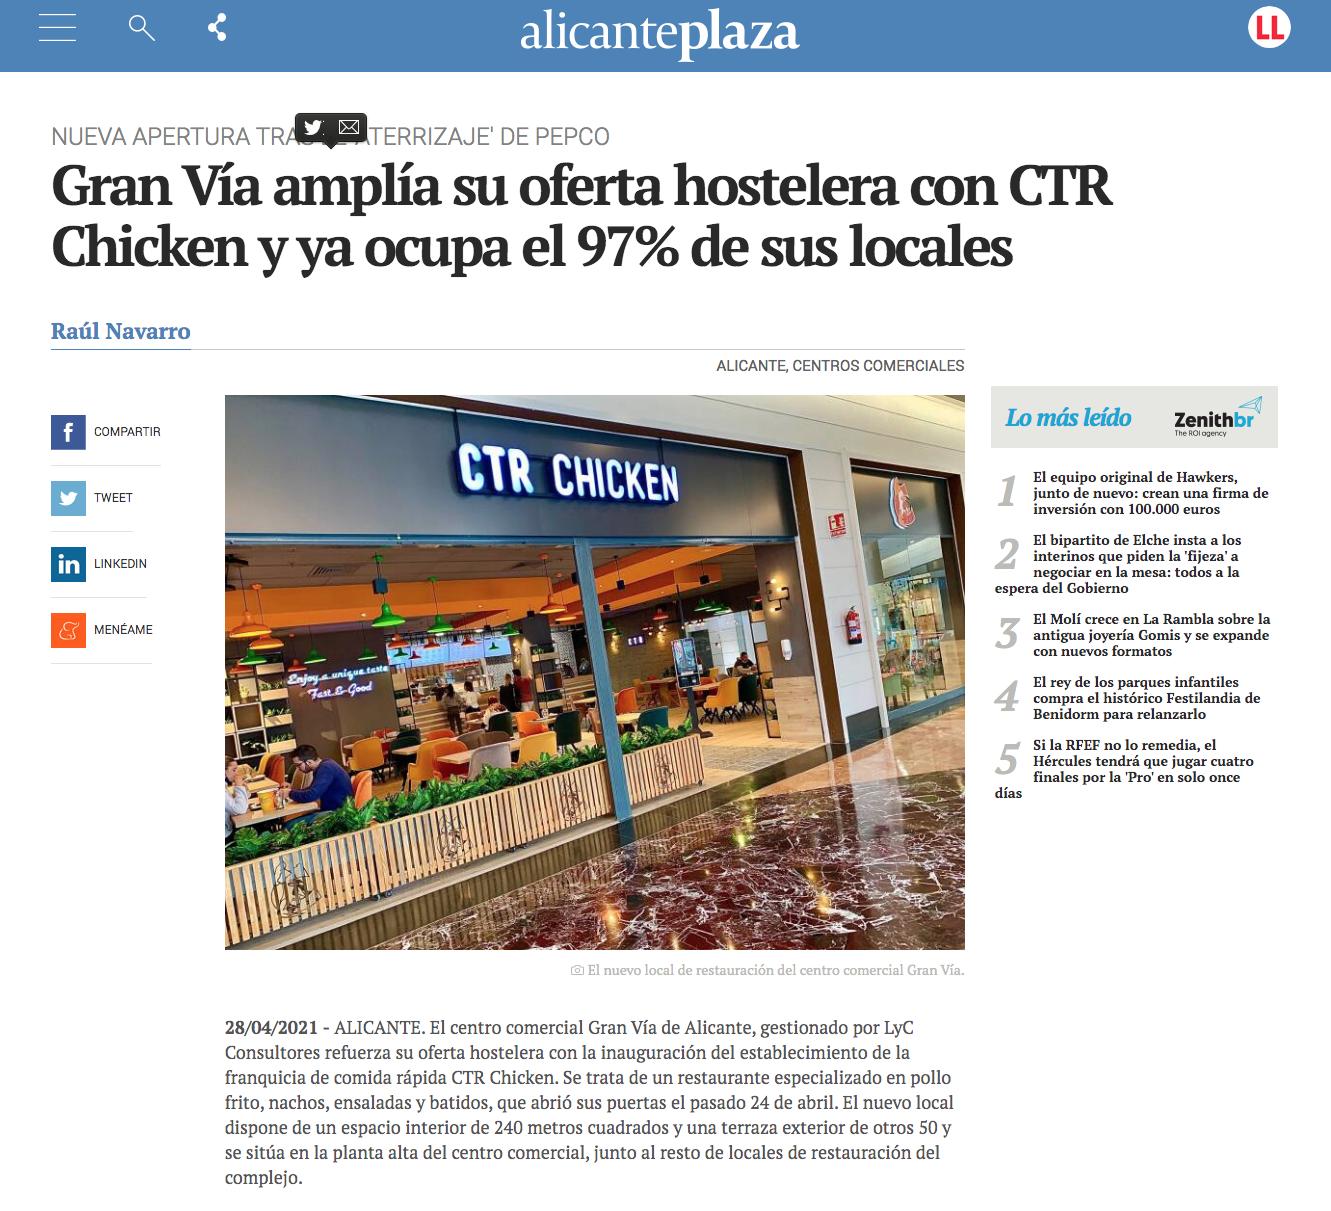 Gran Vía amplía su oferta hostelera con CTR Chicken y ya ocupa el 97% de sus locales